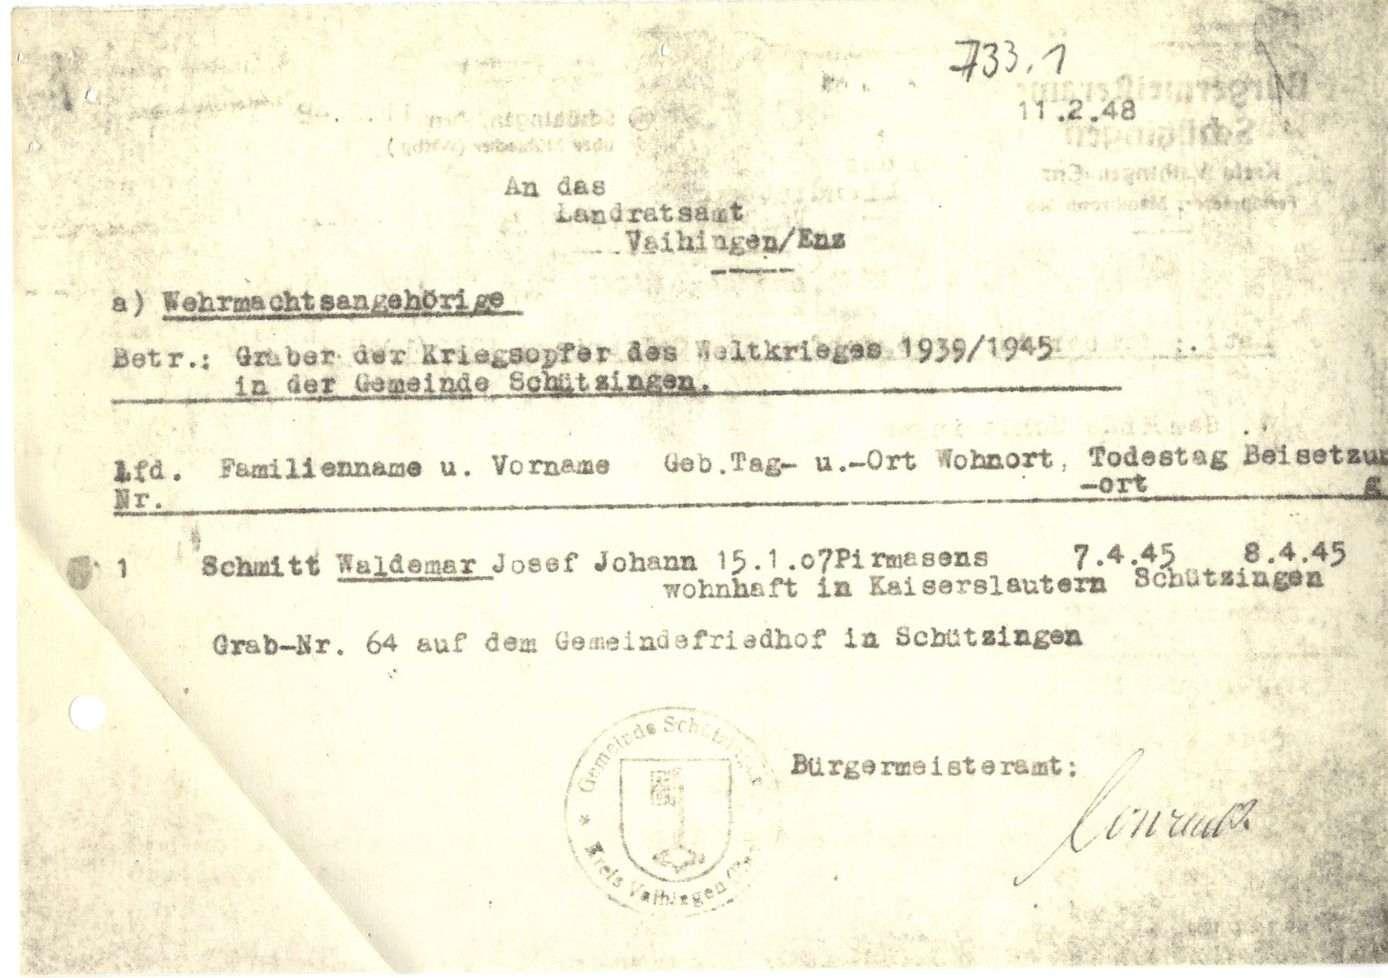 Schützingen, Bild 3